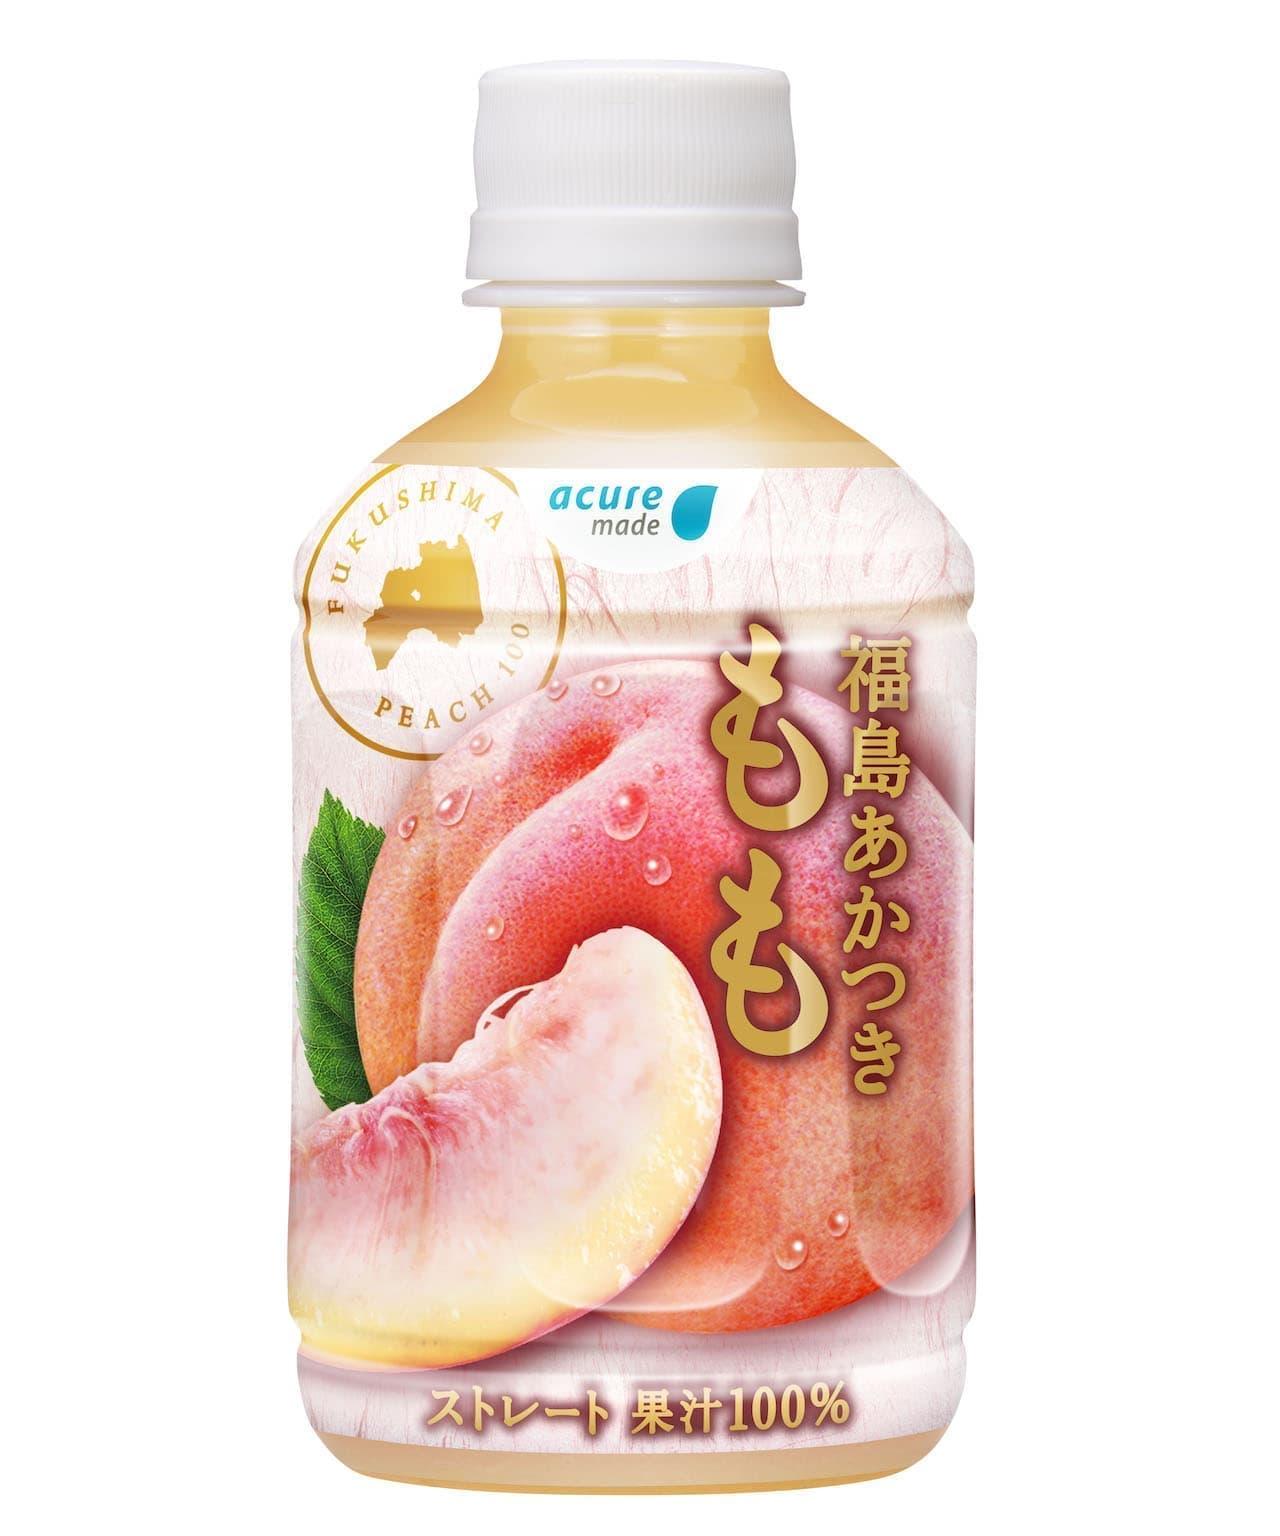 アキュアメイド「福島あかつきもも」今年もストレート果汁100%